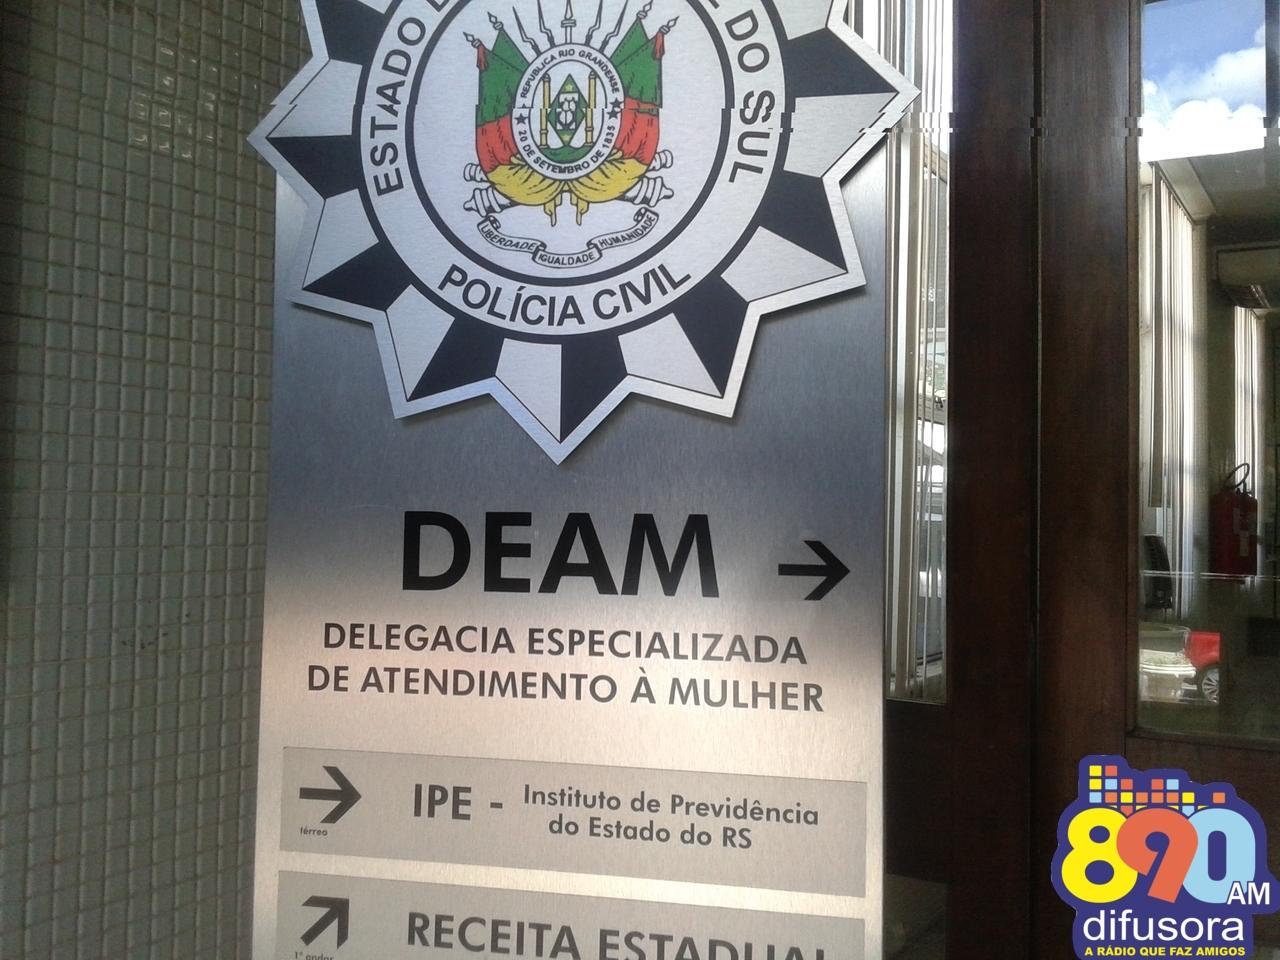 Homem investigado por estupro em Bento é preso pela Polícia Civil em Veranópolis